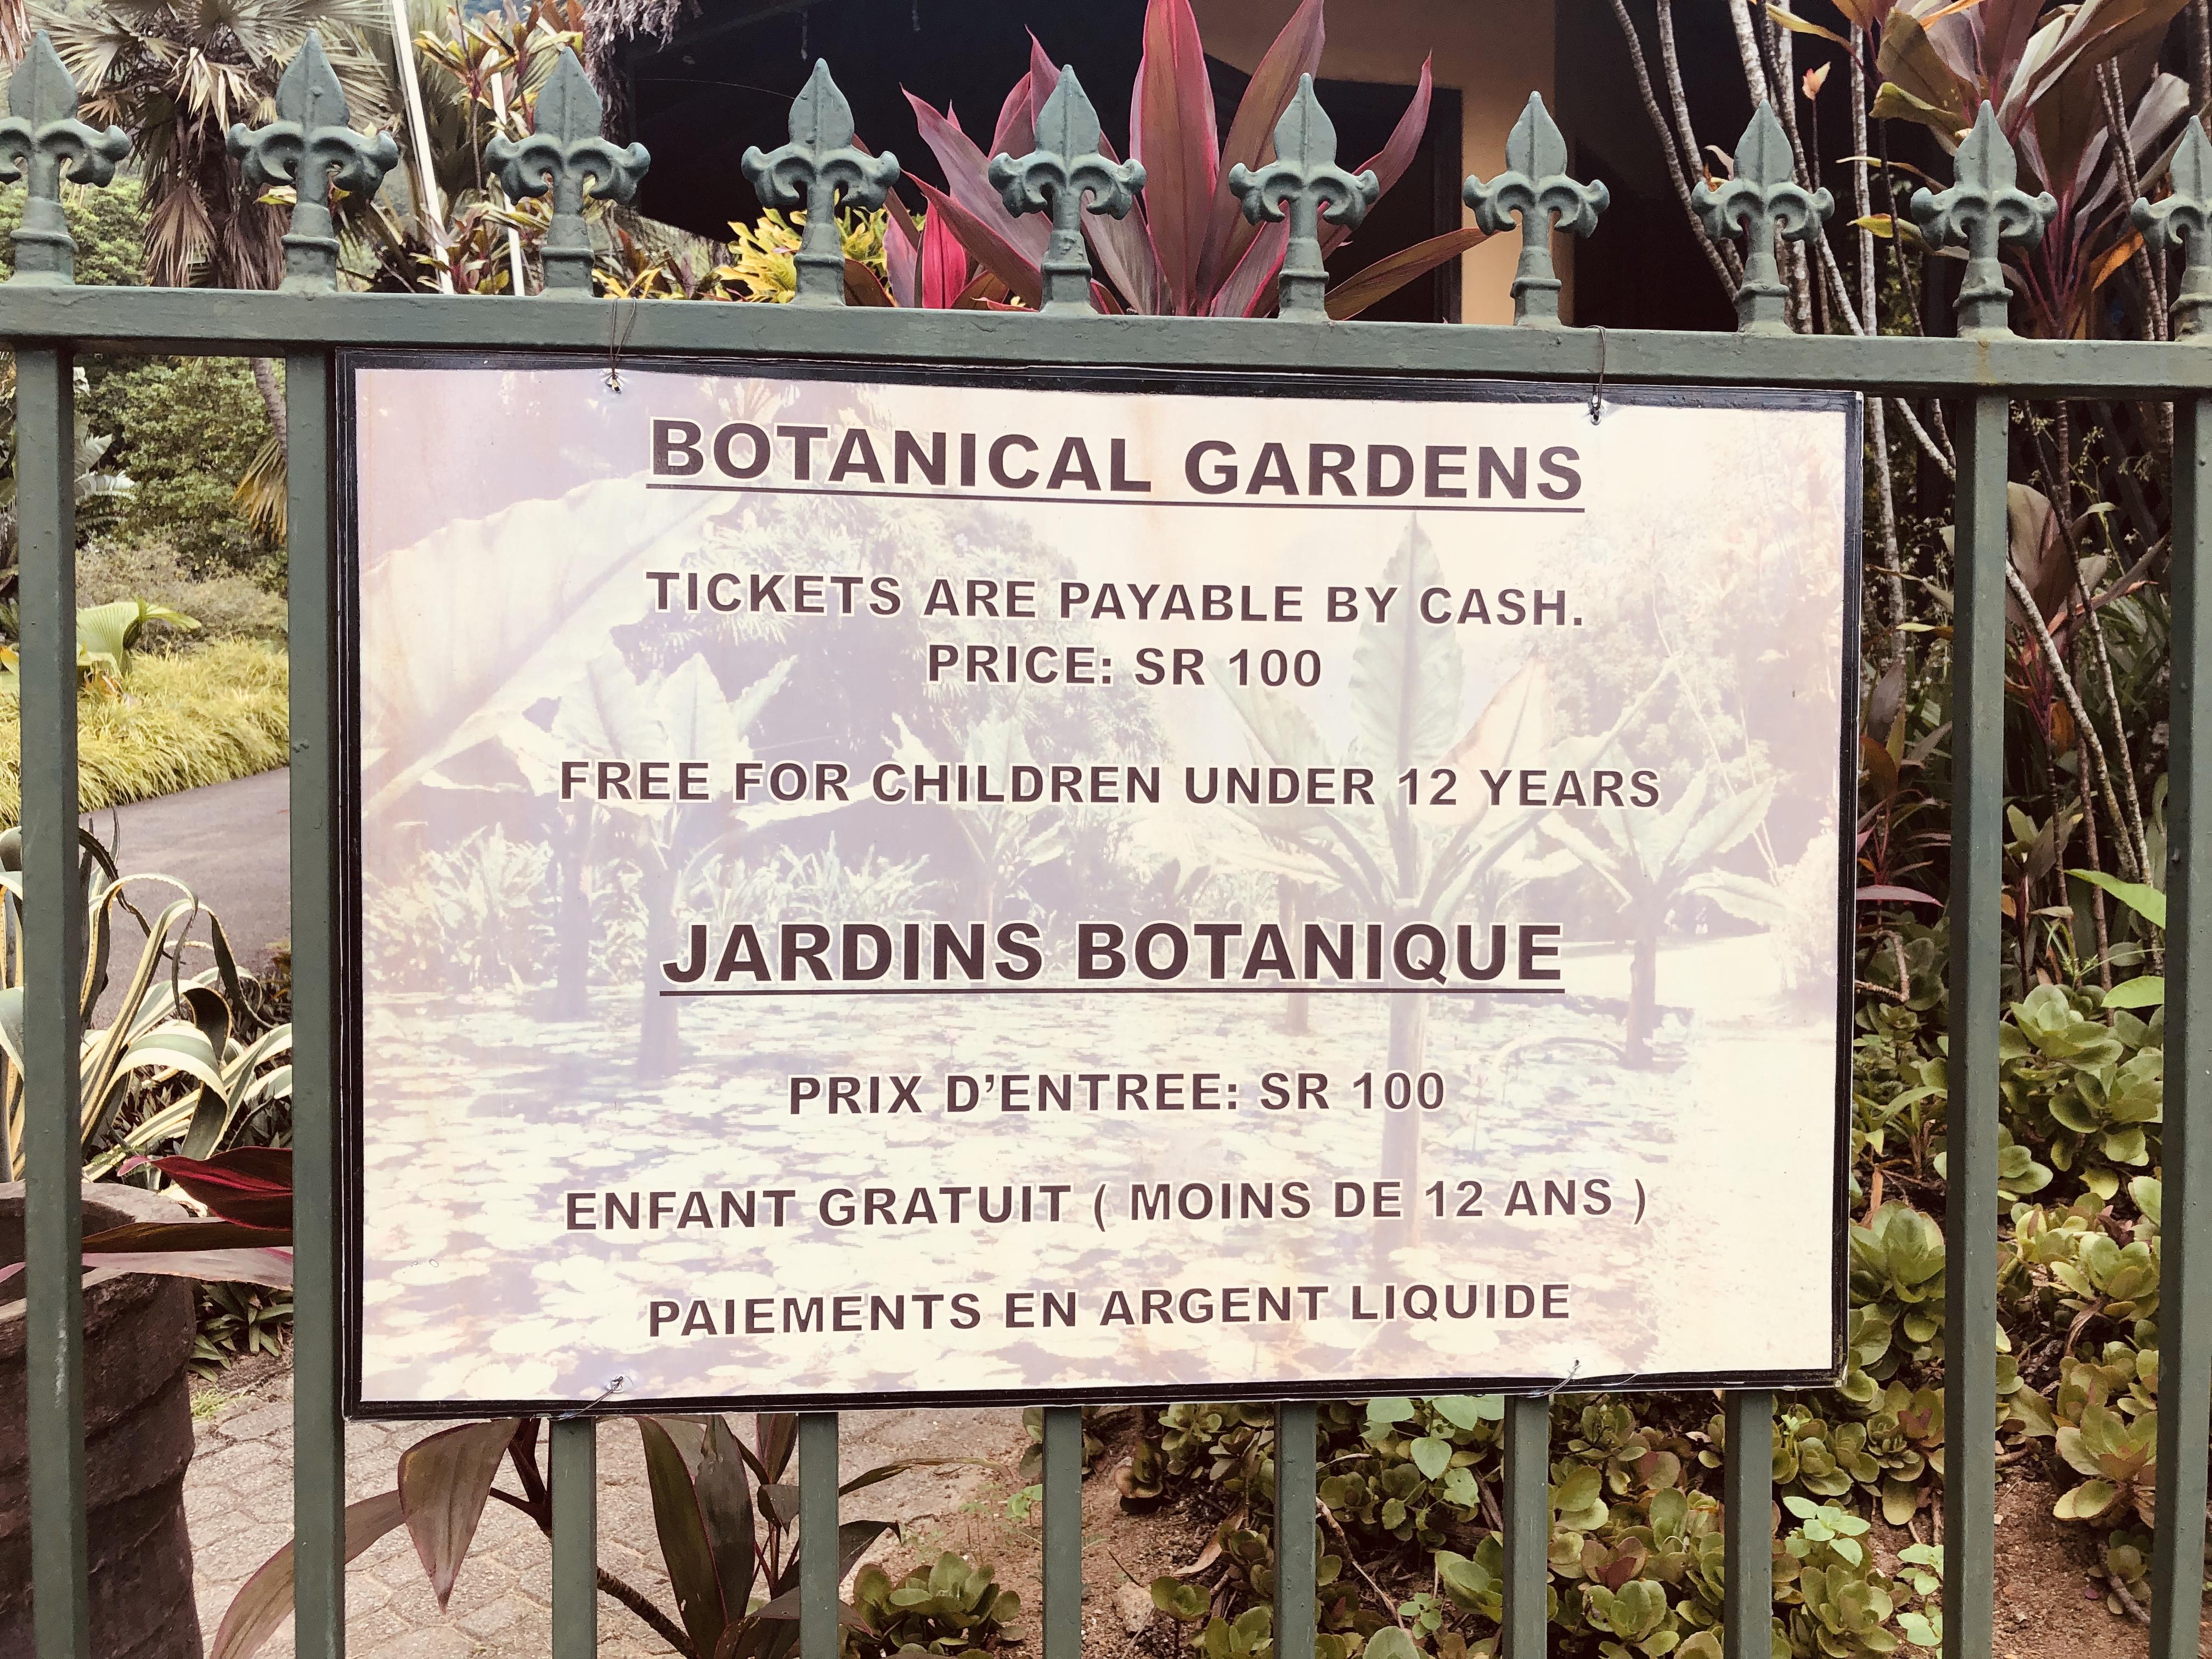 Mont Fleuri ein botanischer Garten als Nationaldenkmal